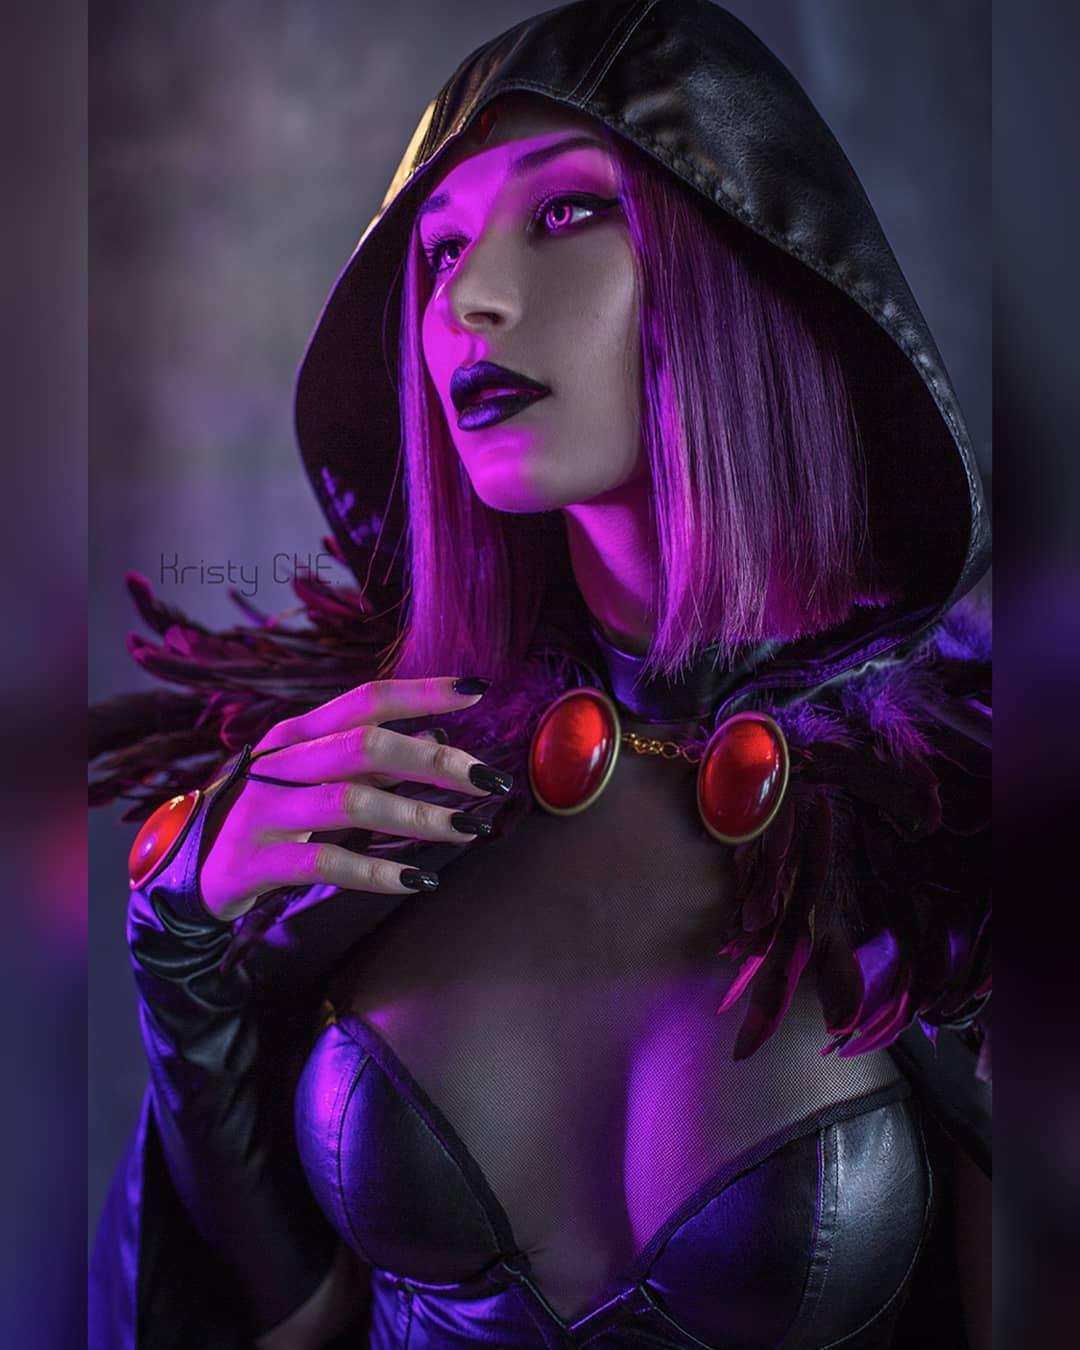 Teen Titans: Raven aparece en la vida real gracias a este cosplay impactante